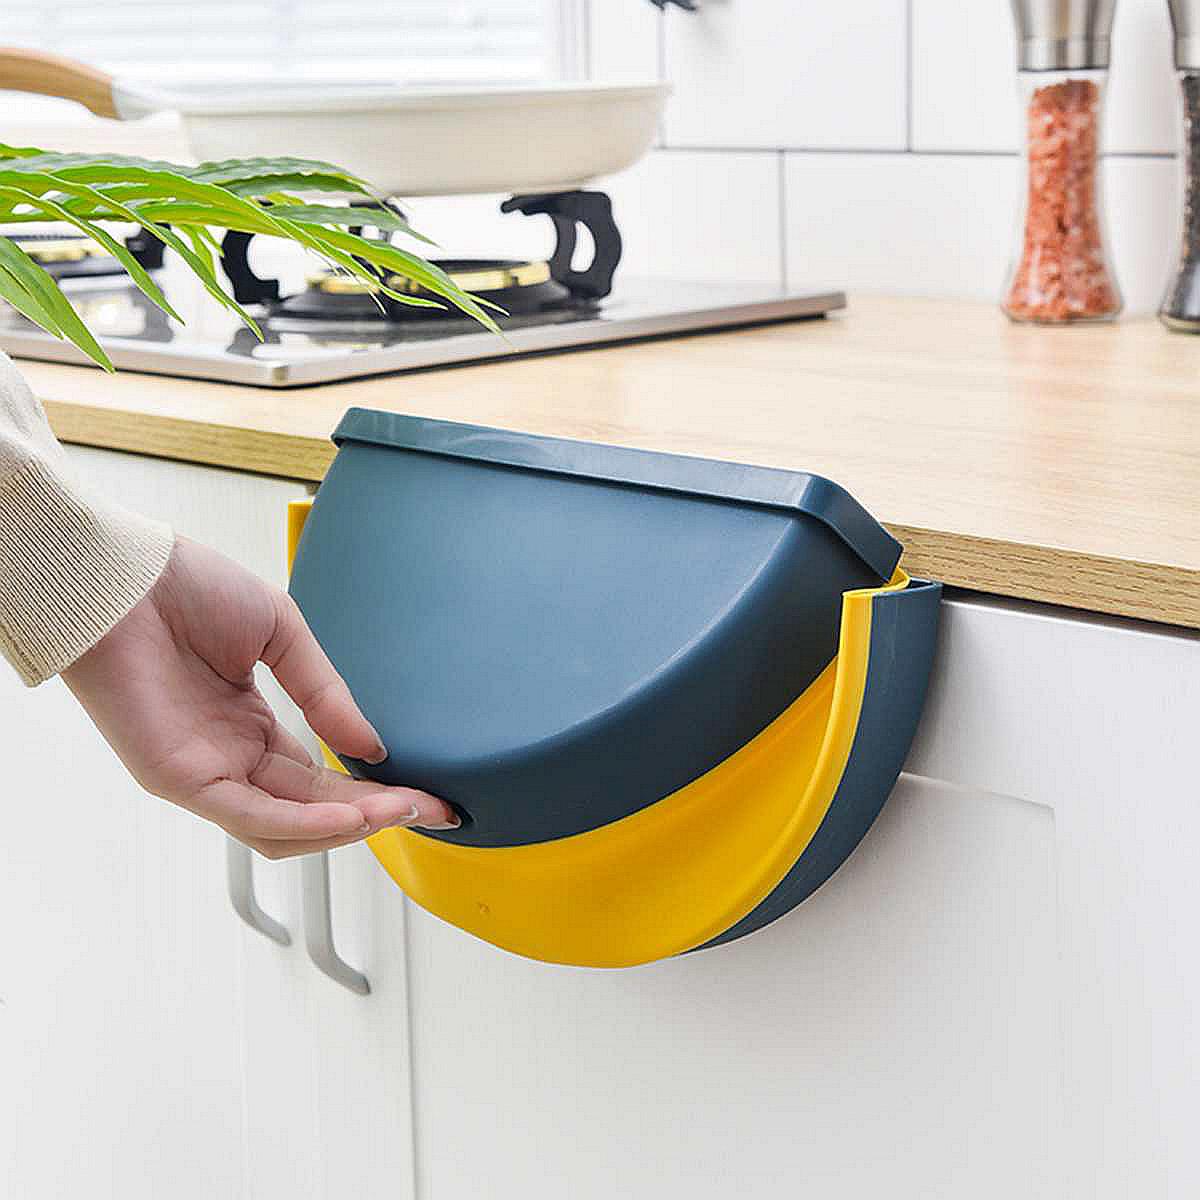 创意橱柜悬挂粘贴式垃圾篓壁挂纸篓家用带压圈车载厨房折叠垃圾桶